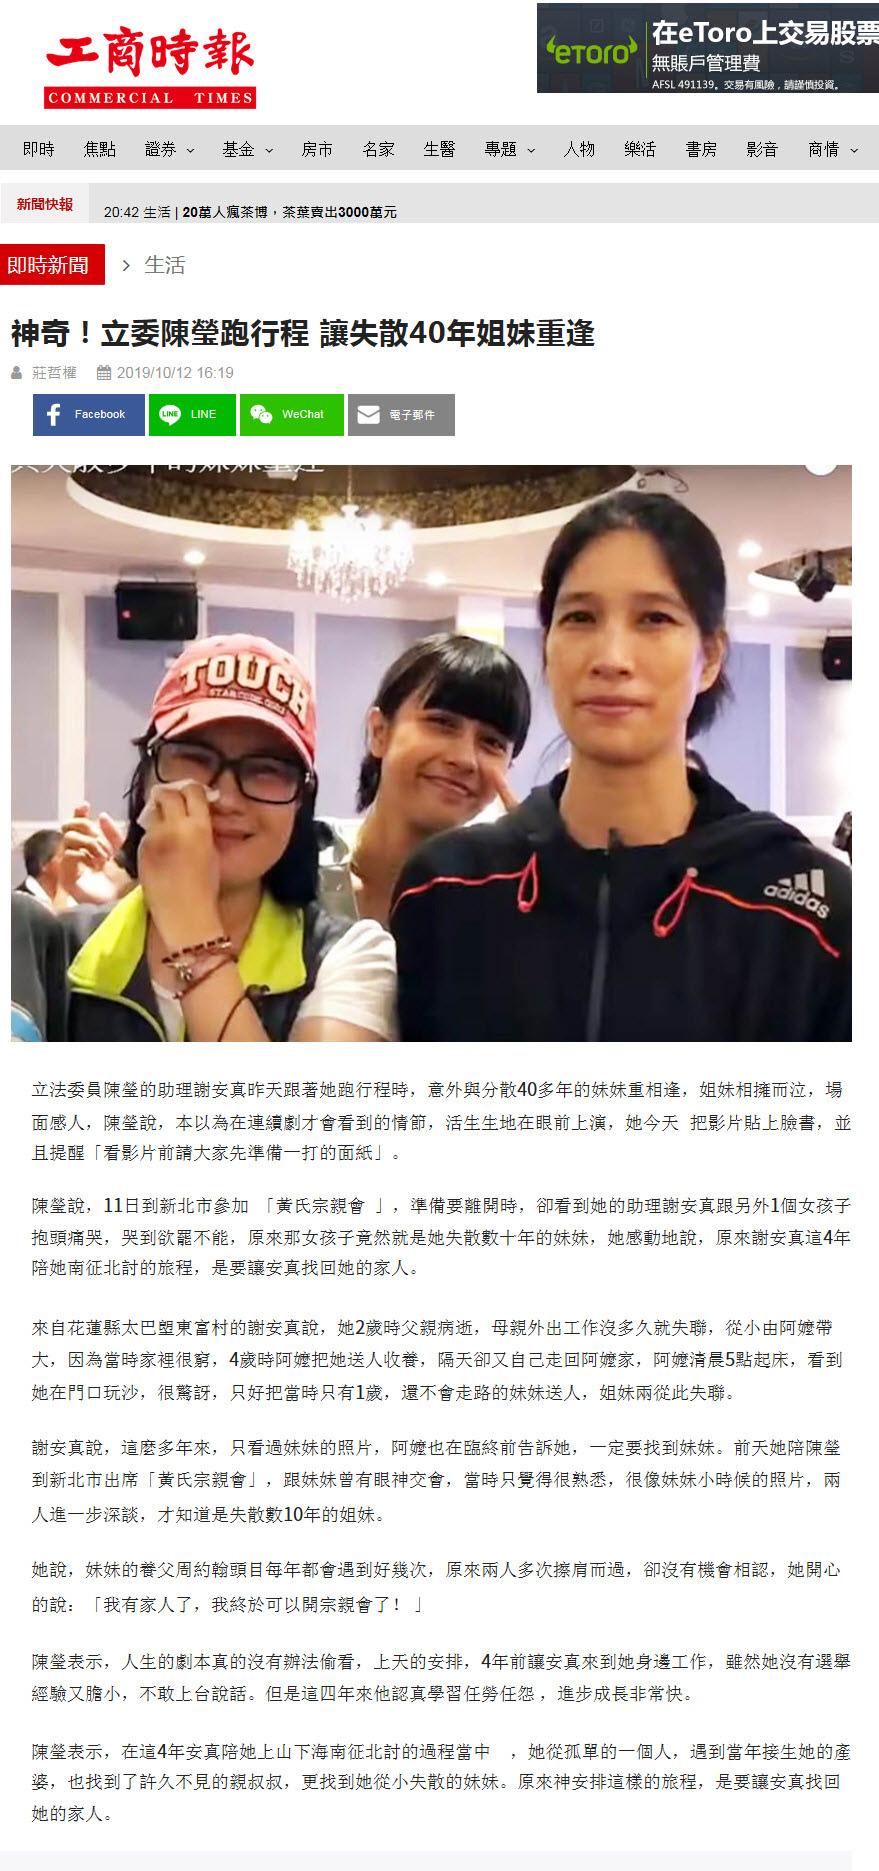 神奇!立委陳瑩跑行程 讓失散40年姐妹重逢-2019.10.12.jpg